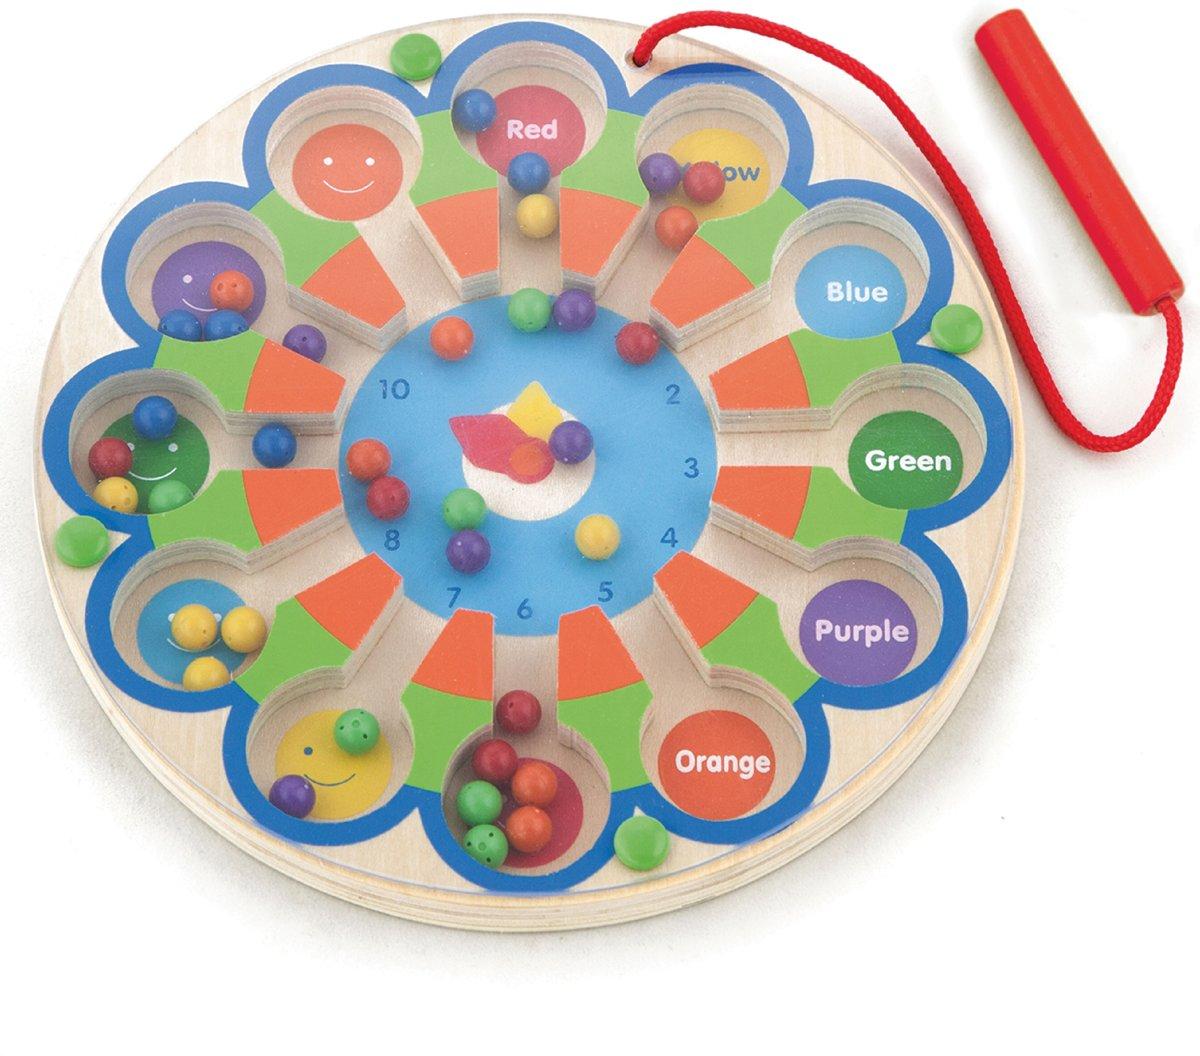 Viga Toys - Magnetisch Klokspel kopen